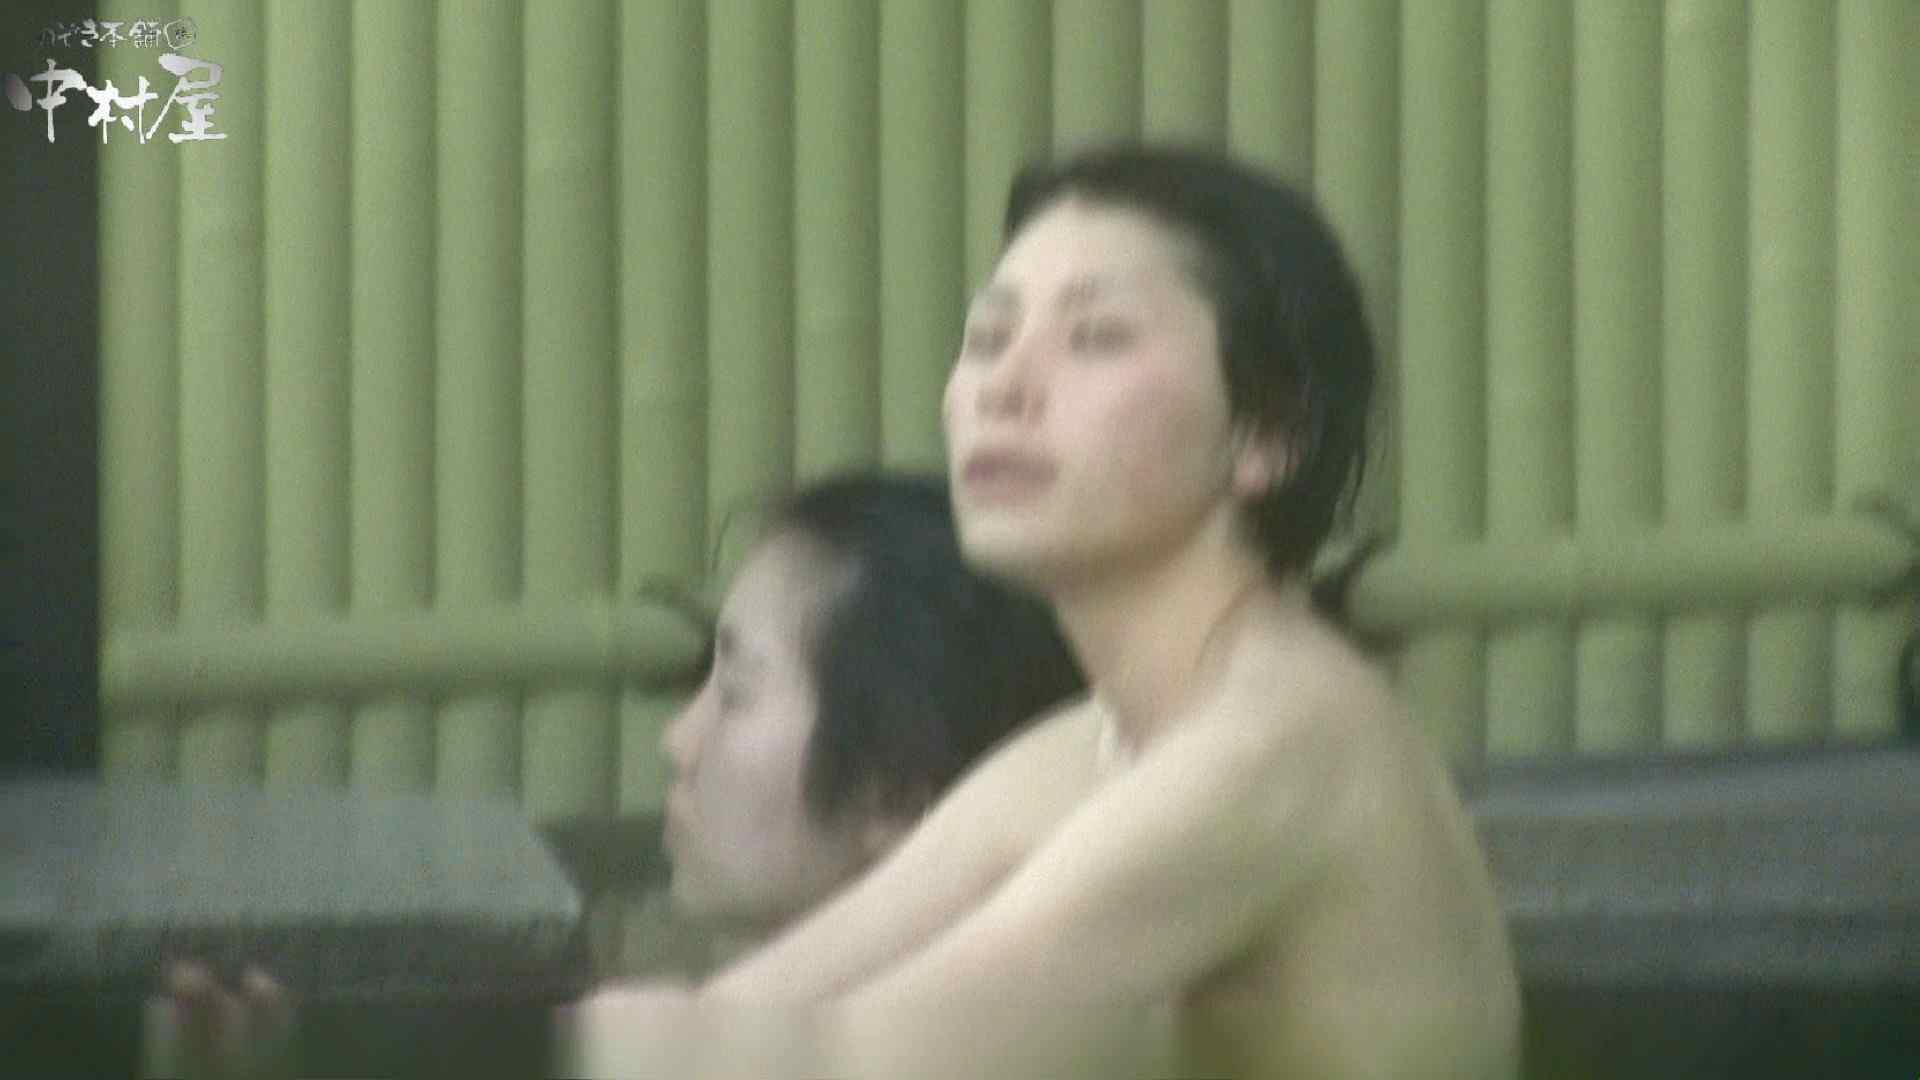 Aquaな露天風呂Vol.970 盗撮 オメコ無修正動画無料 97画像 65